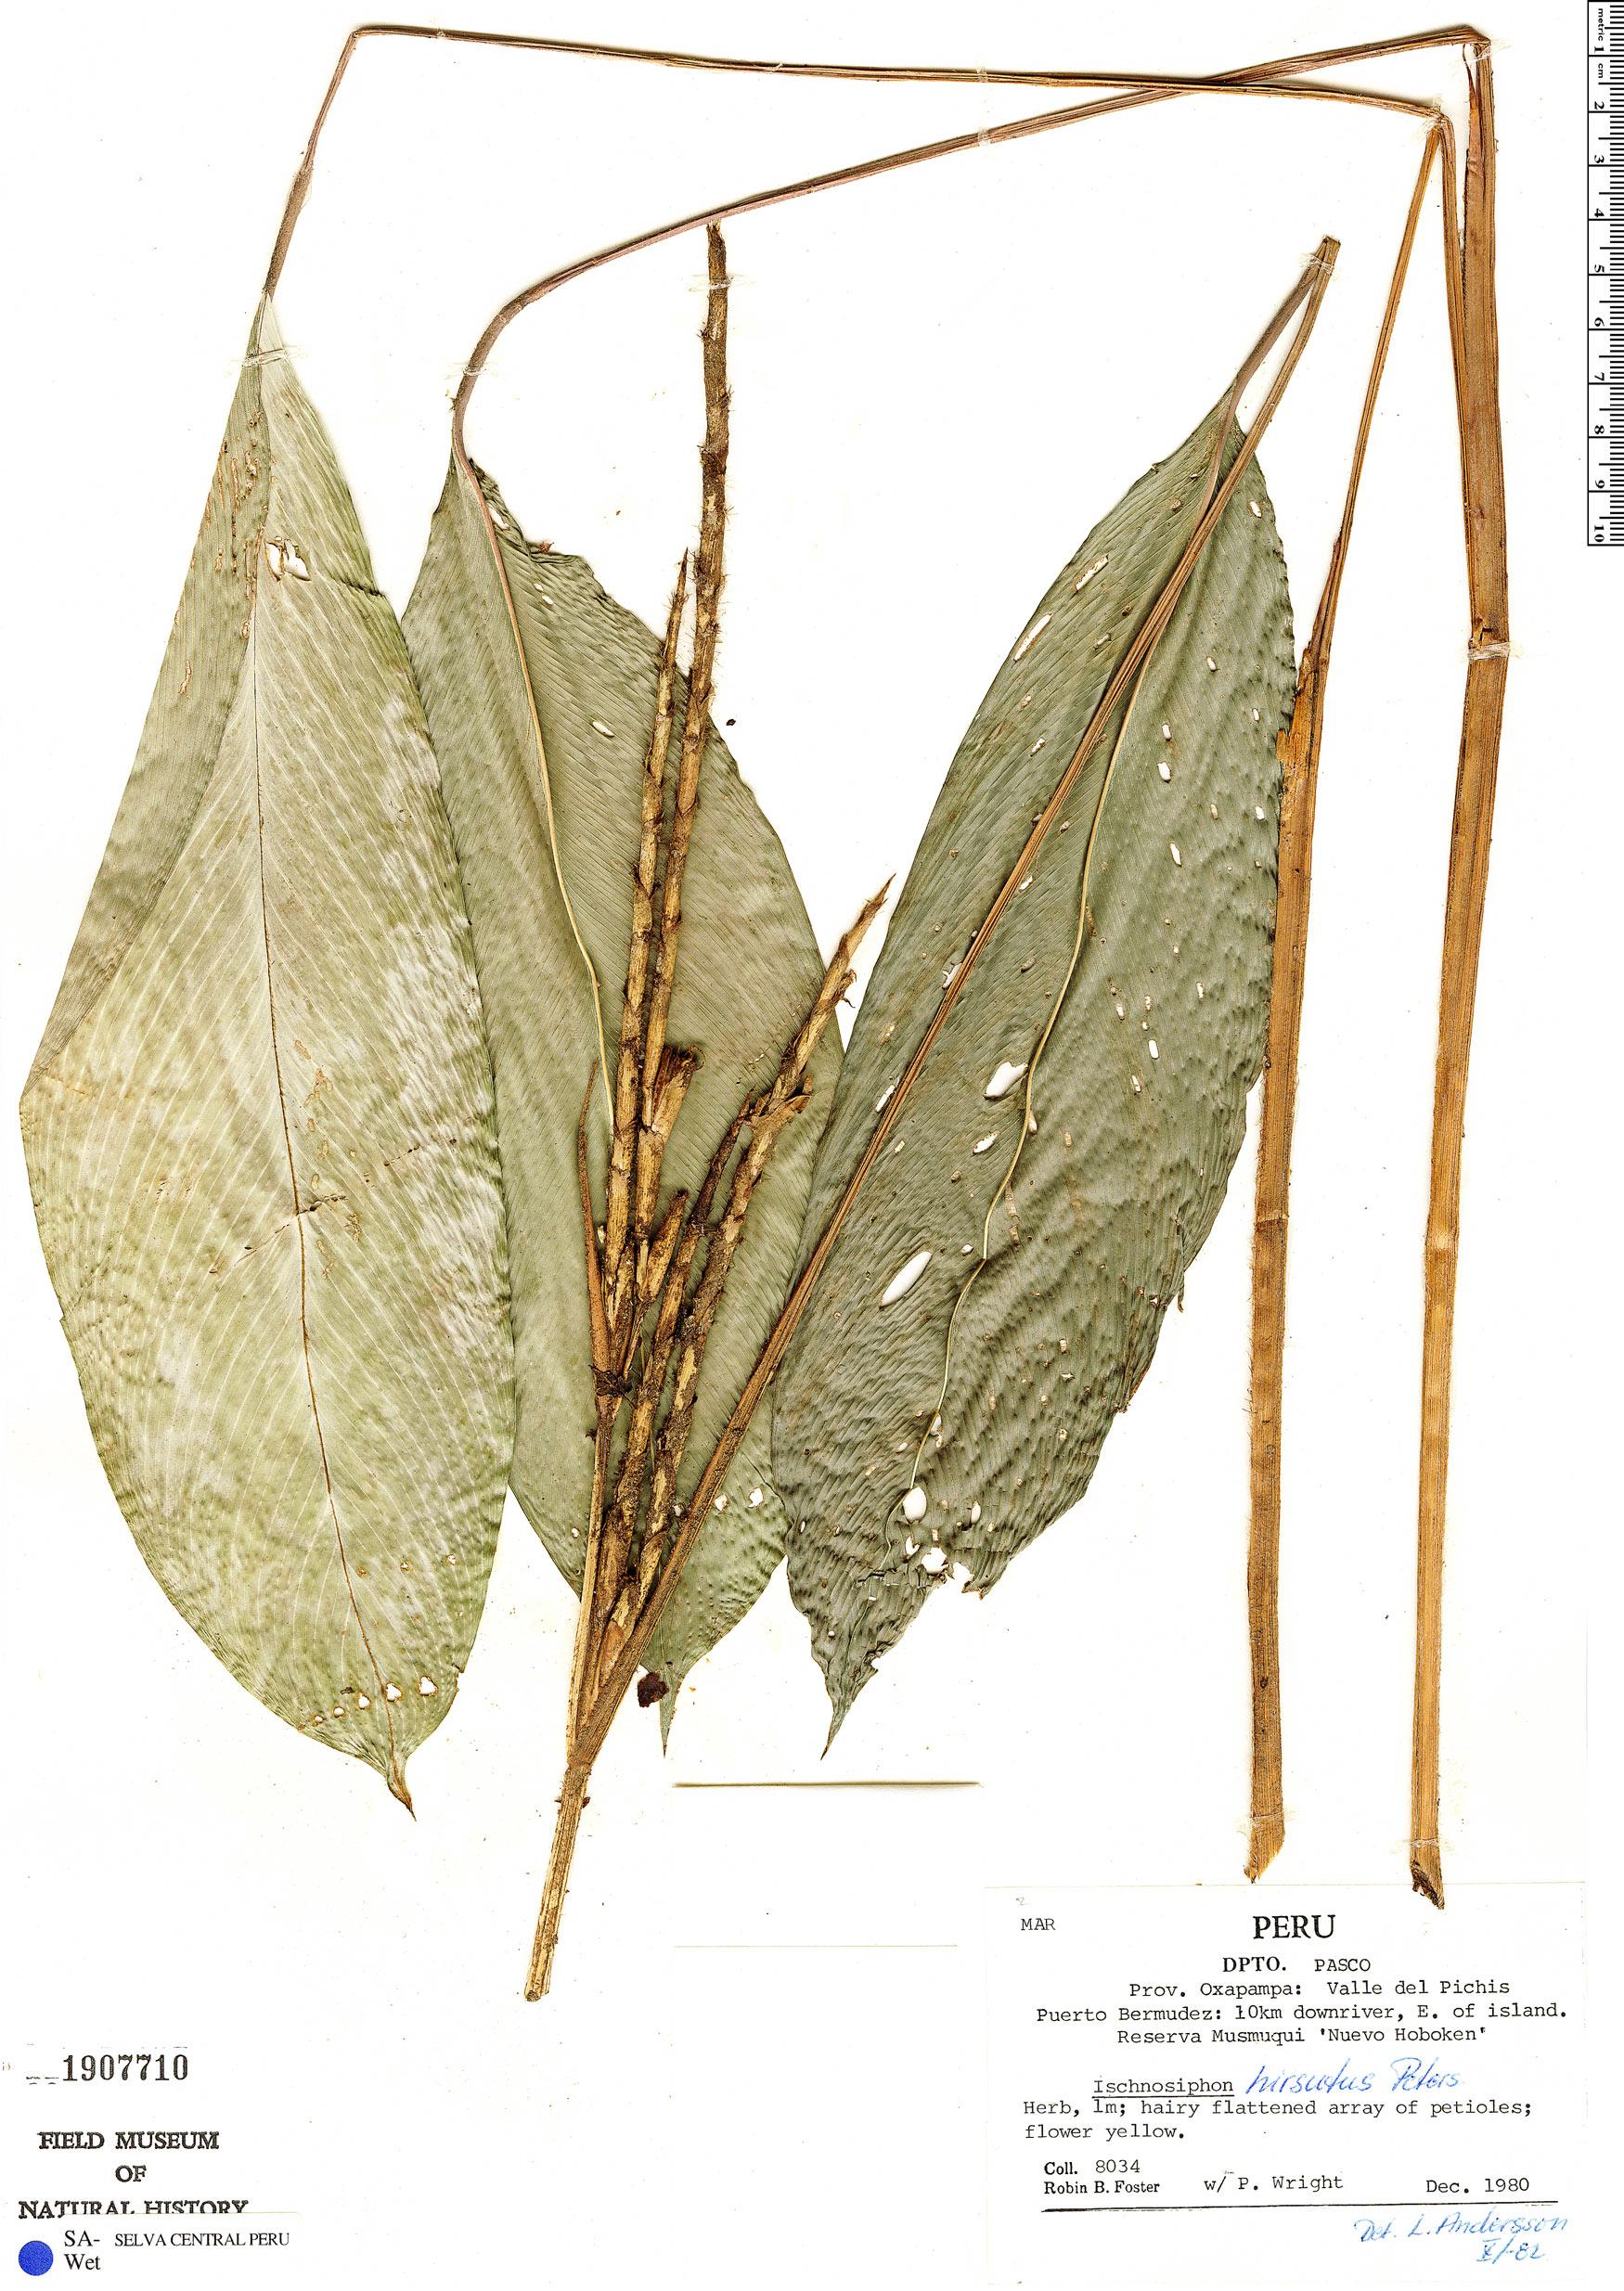 Specimen: Ischnosiphon hirsutus